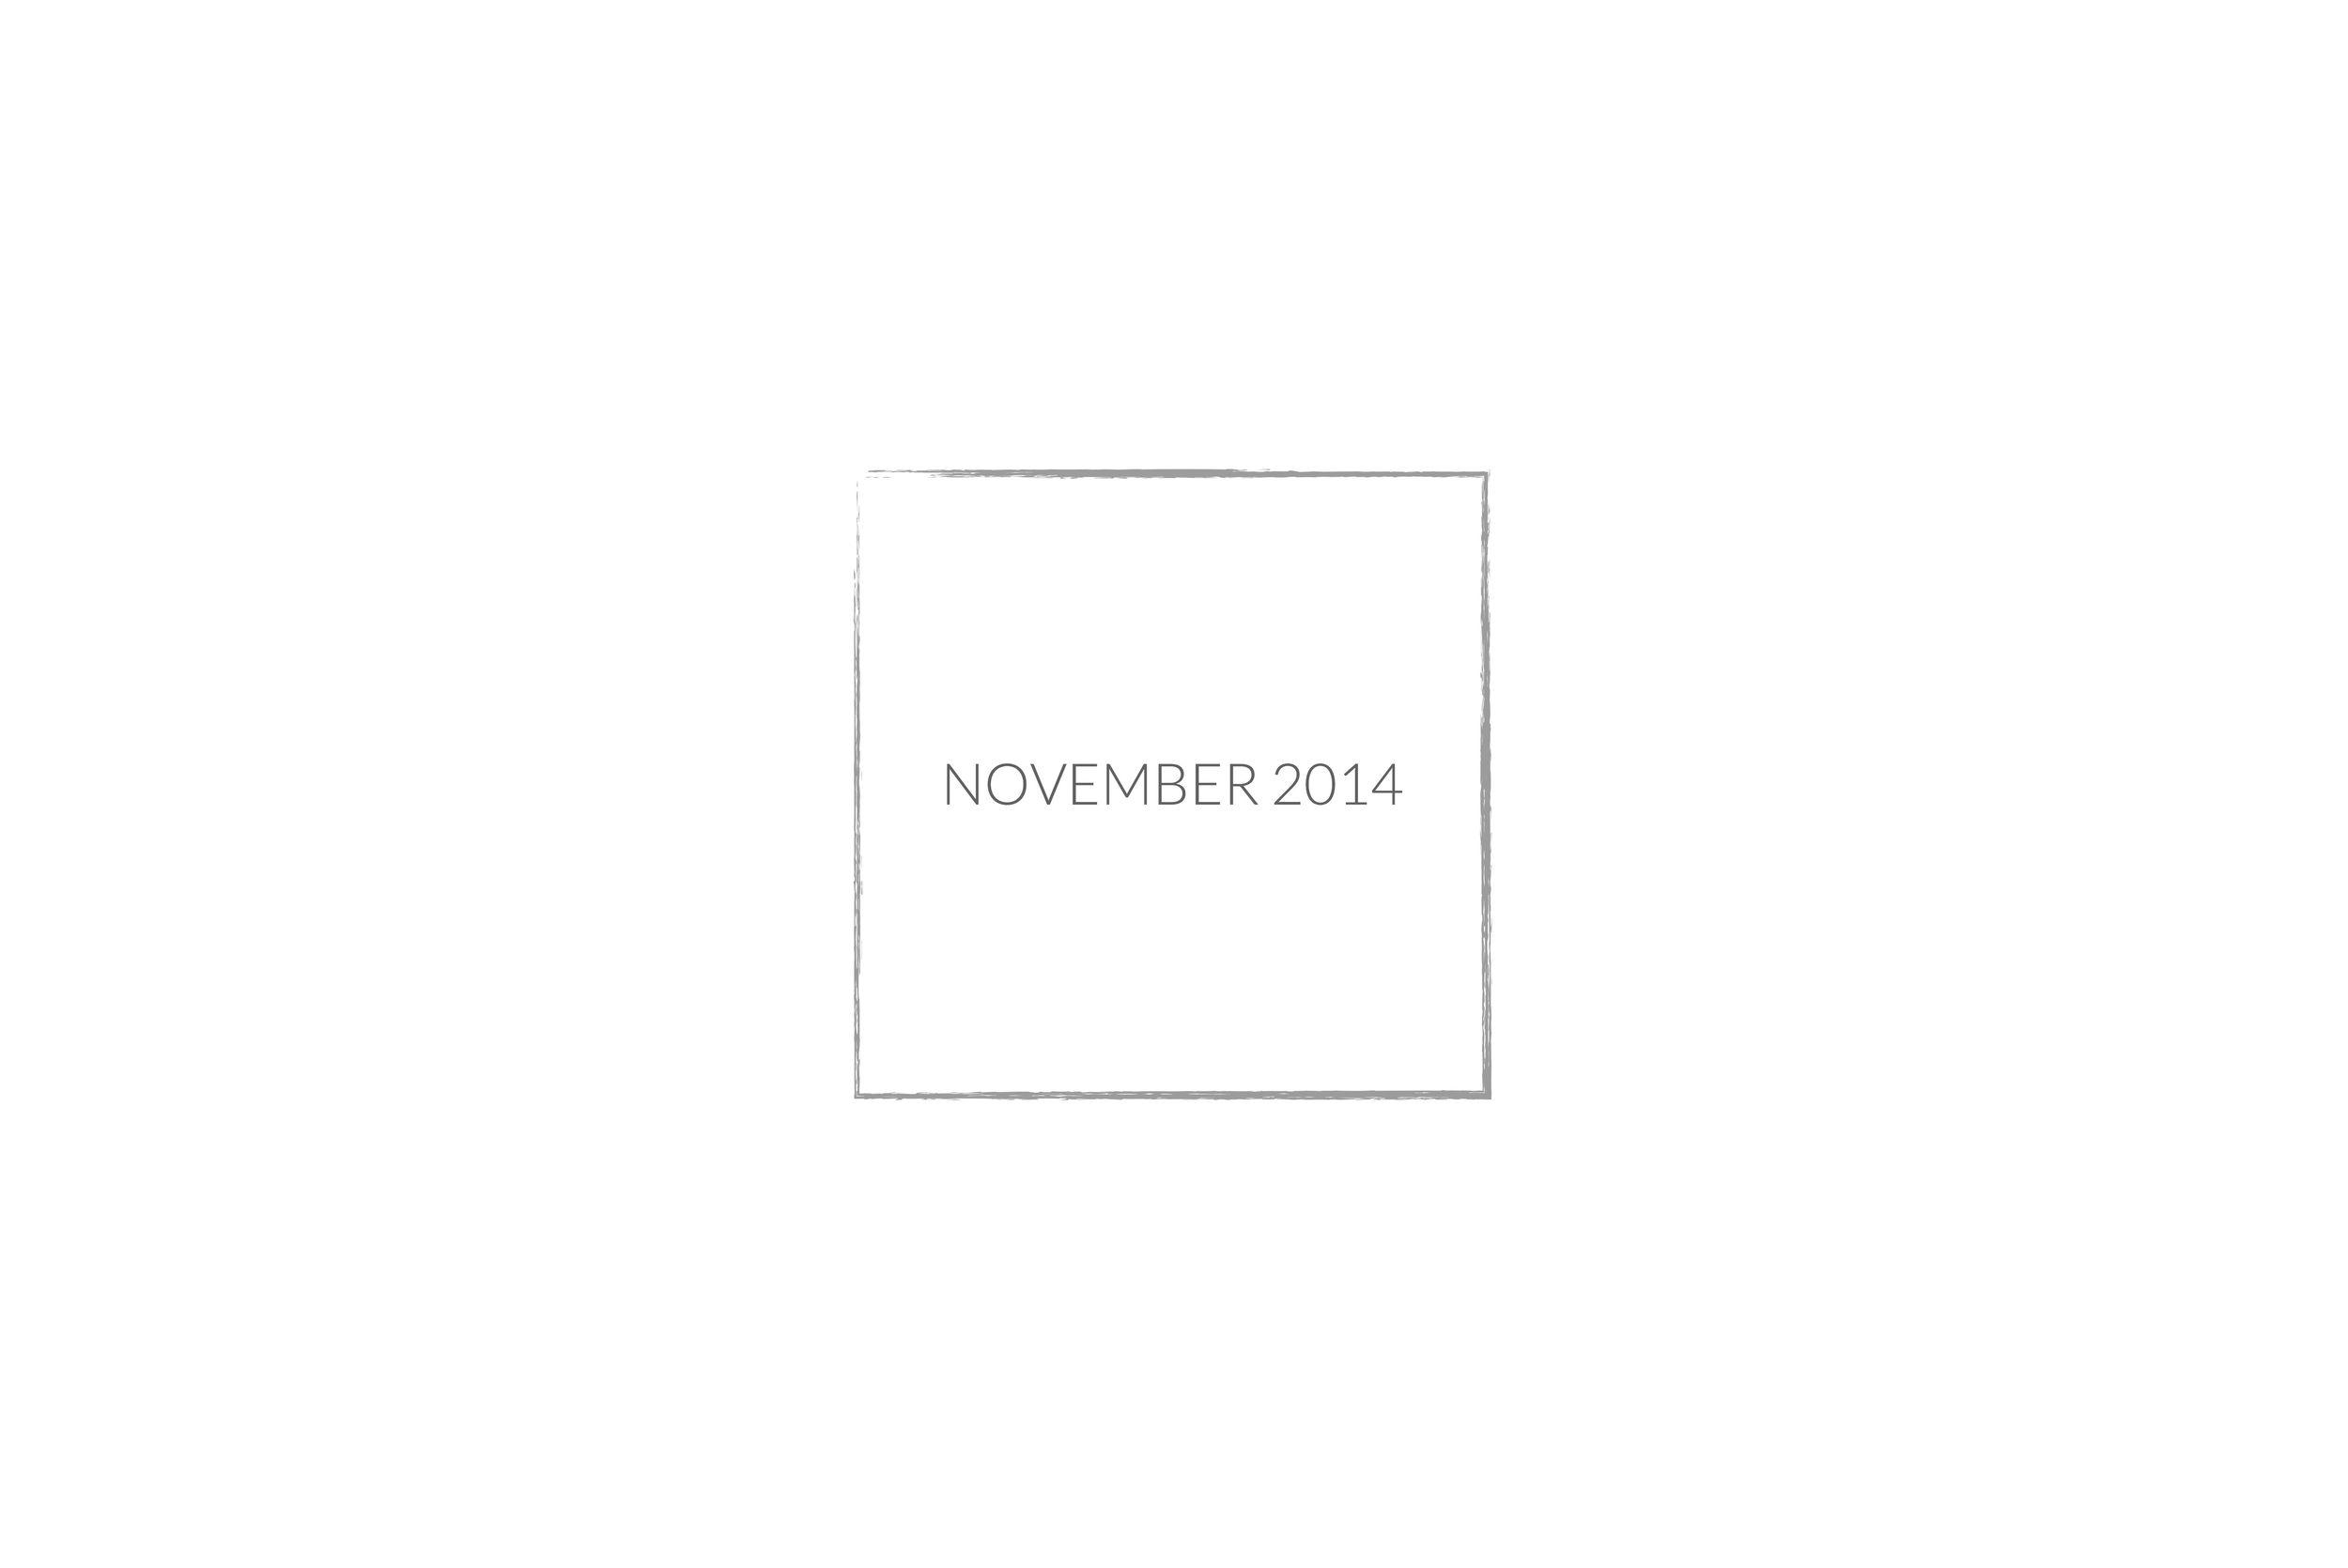 NOVEMBER 2014 SLIDE.jpg